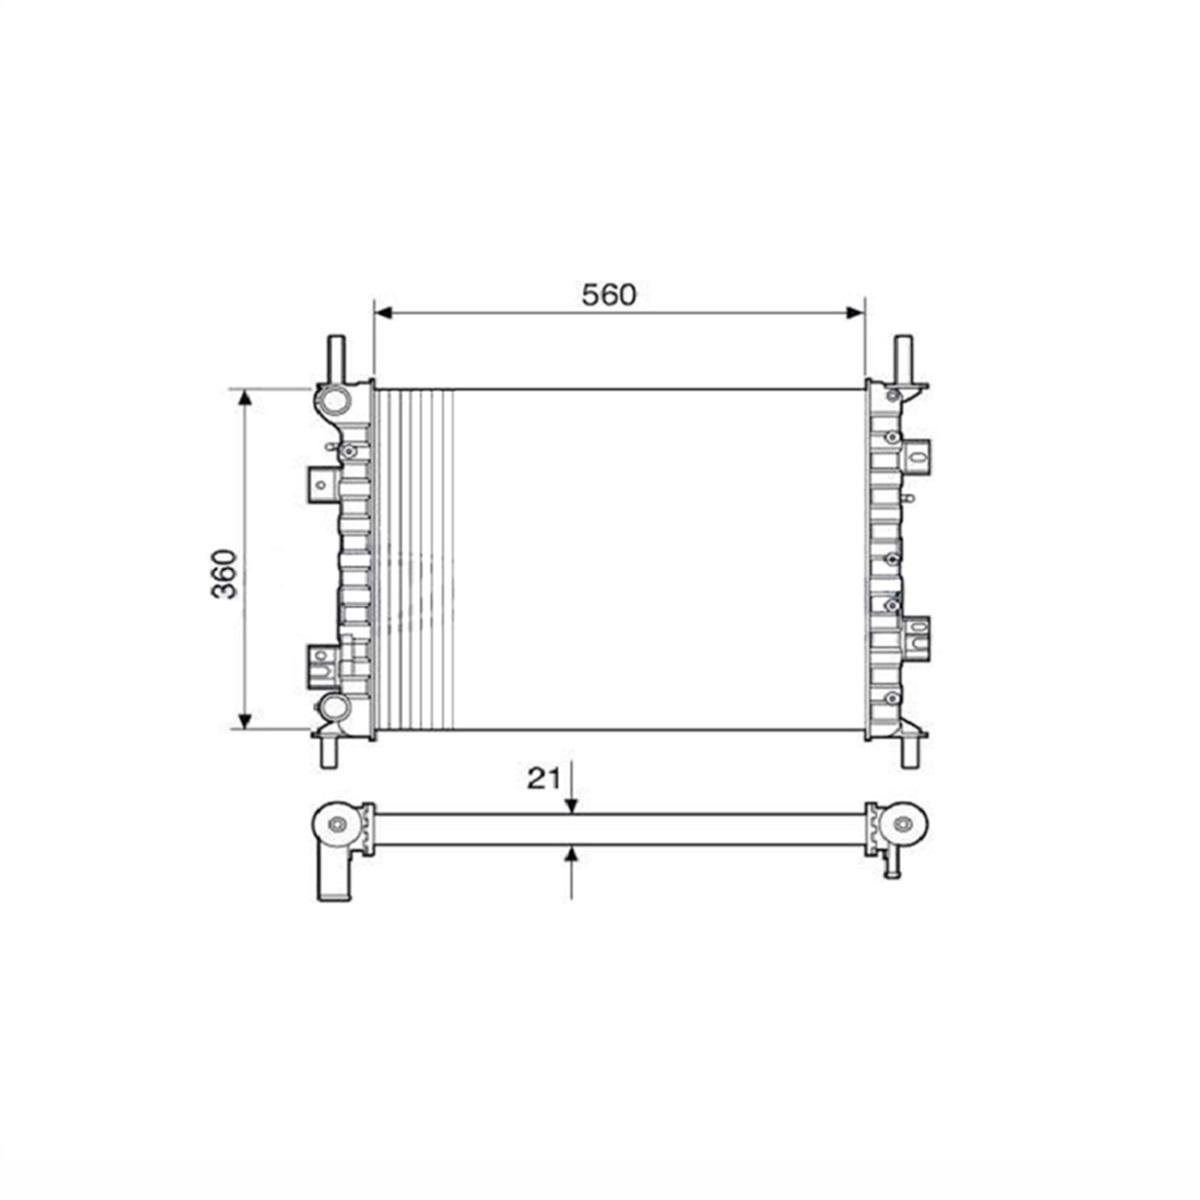 Radiador de agua Ford Ecosport 1.0 1.6 2.0 Fiesta 1.0 1.6 Com Ar / Sem Ar Manual 2003 a 2010